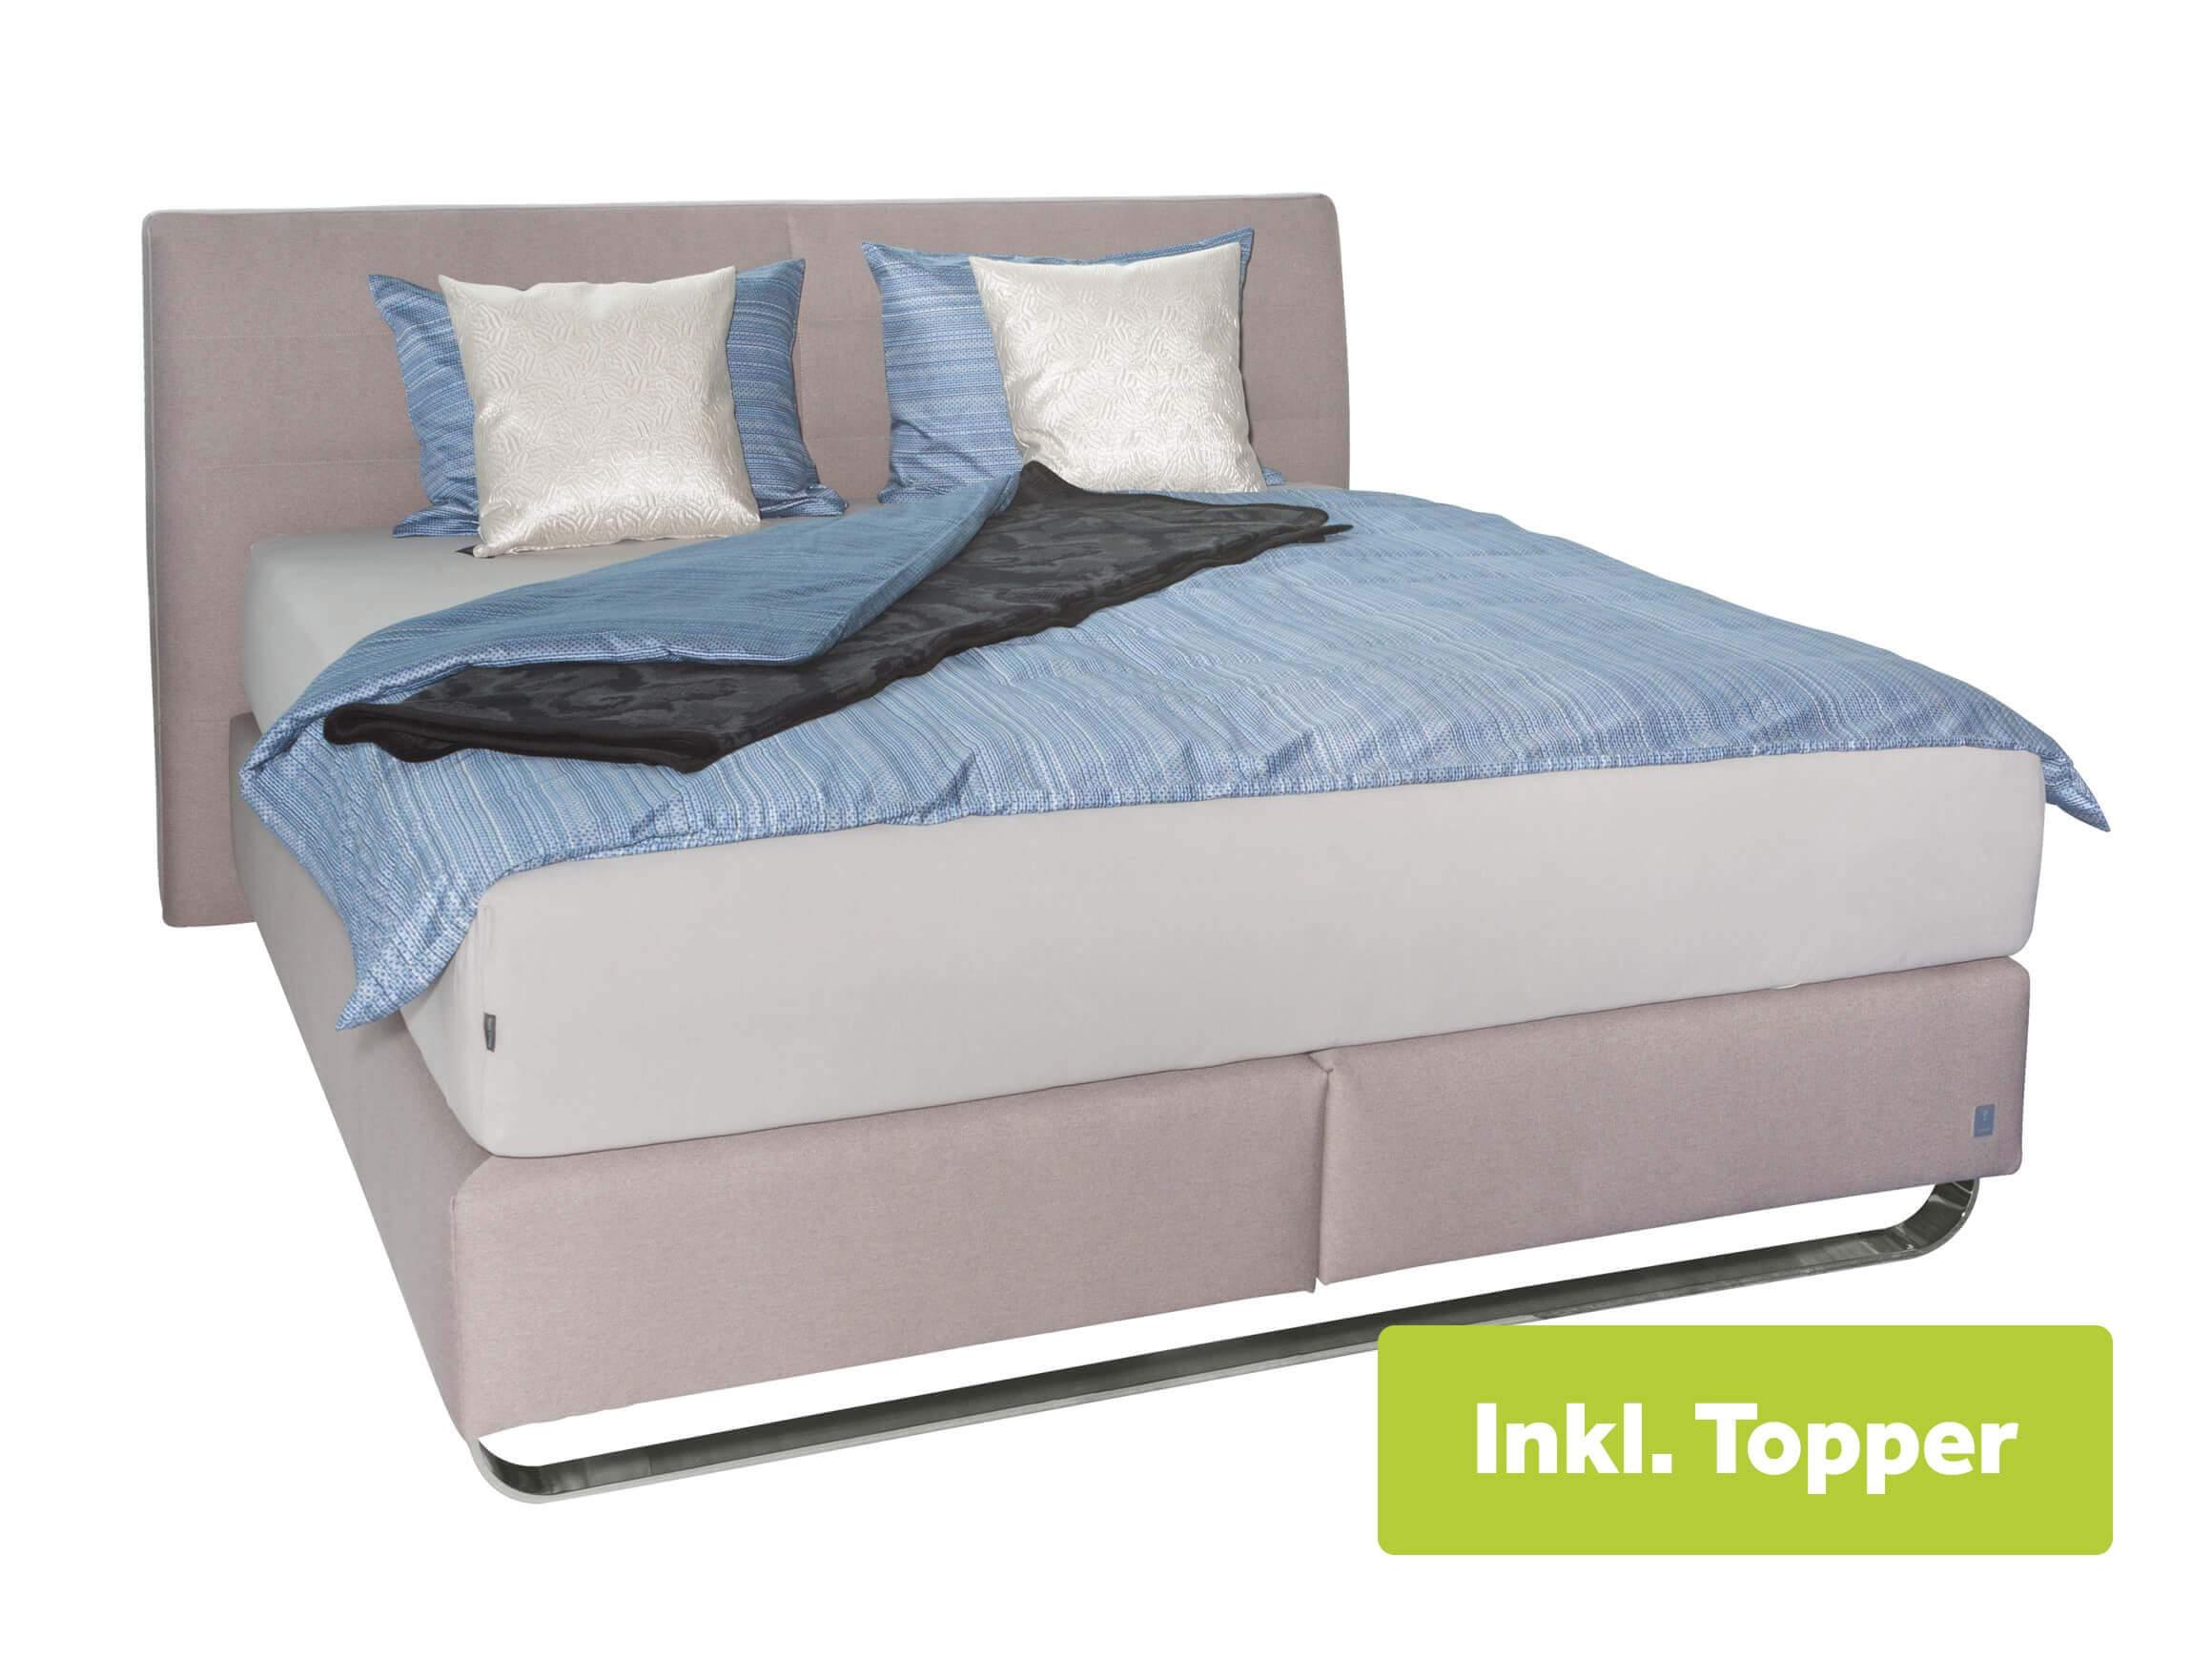 Full Size of Joop Betten Bett Online Kaufen Boxspring Preisliste Outlet Hersteller Abverkauf Katalog Sale Boxspringbett Curves S Dico überlänge Amazon 180x200 Ebay Jabo Bett Joop Betten